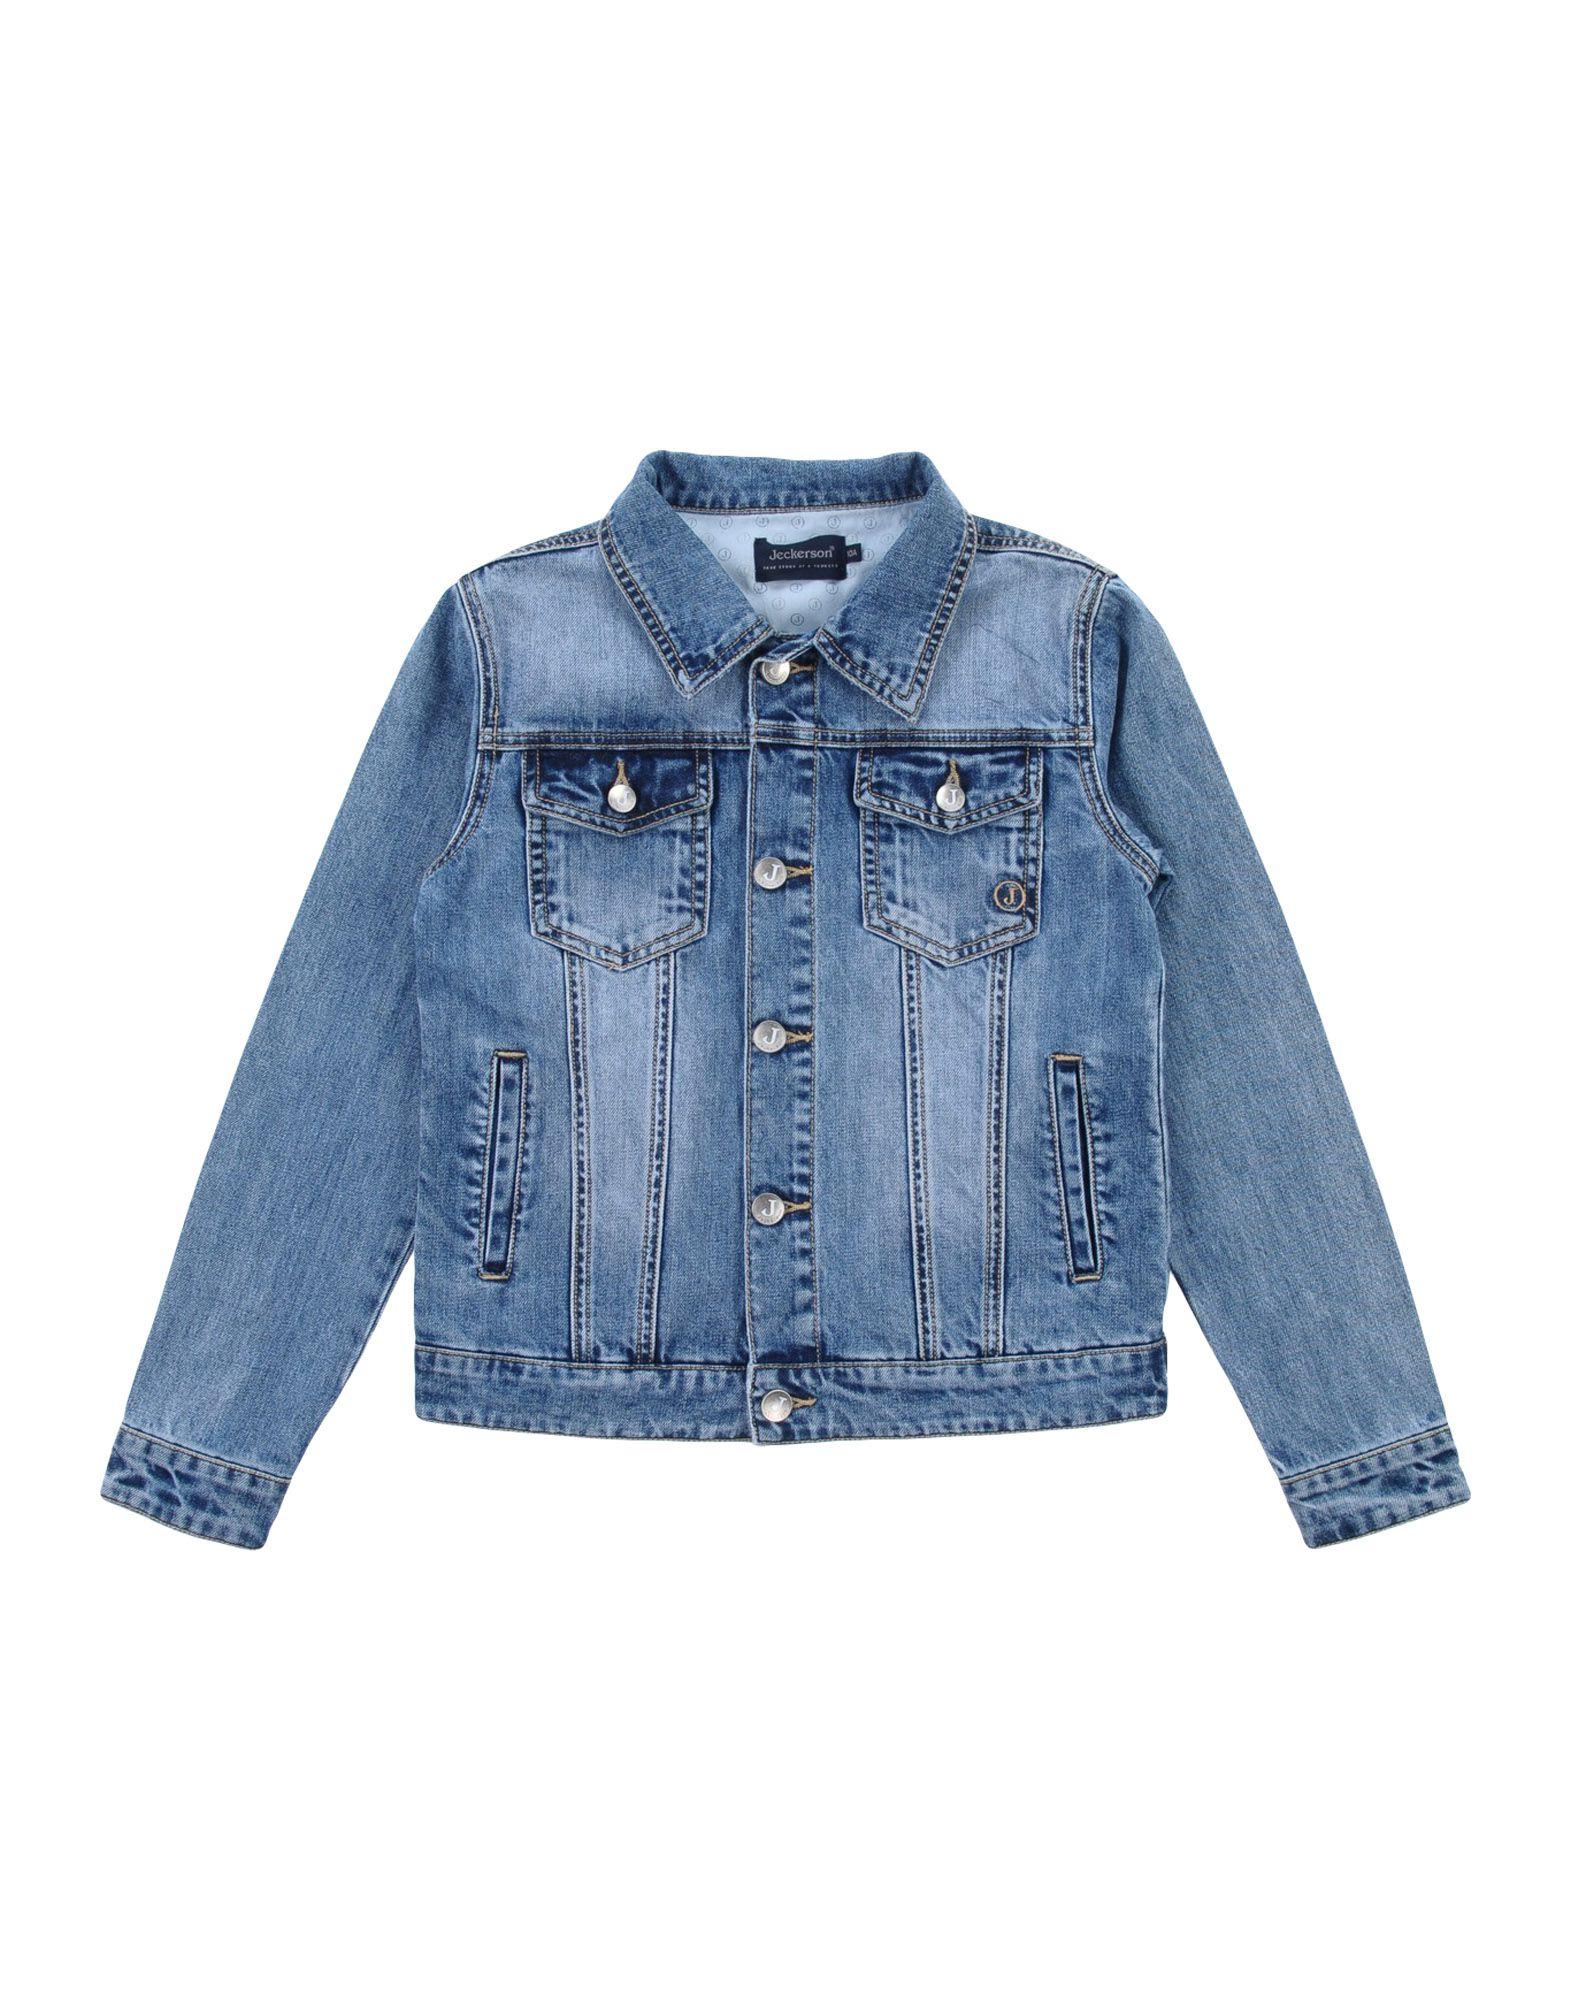 JECKERSON Denim outerwear